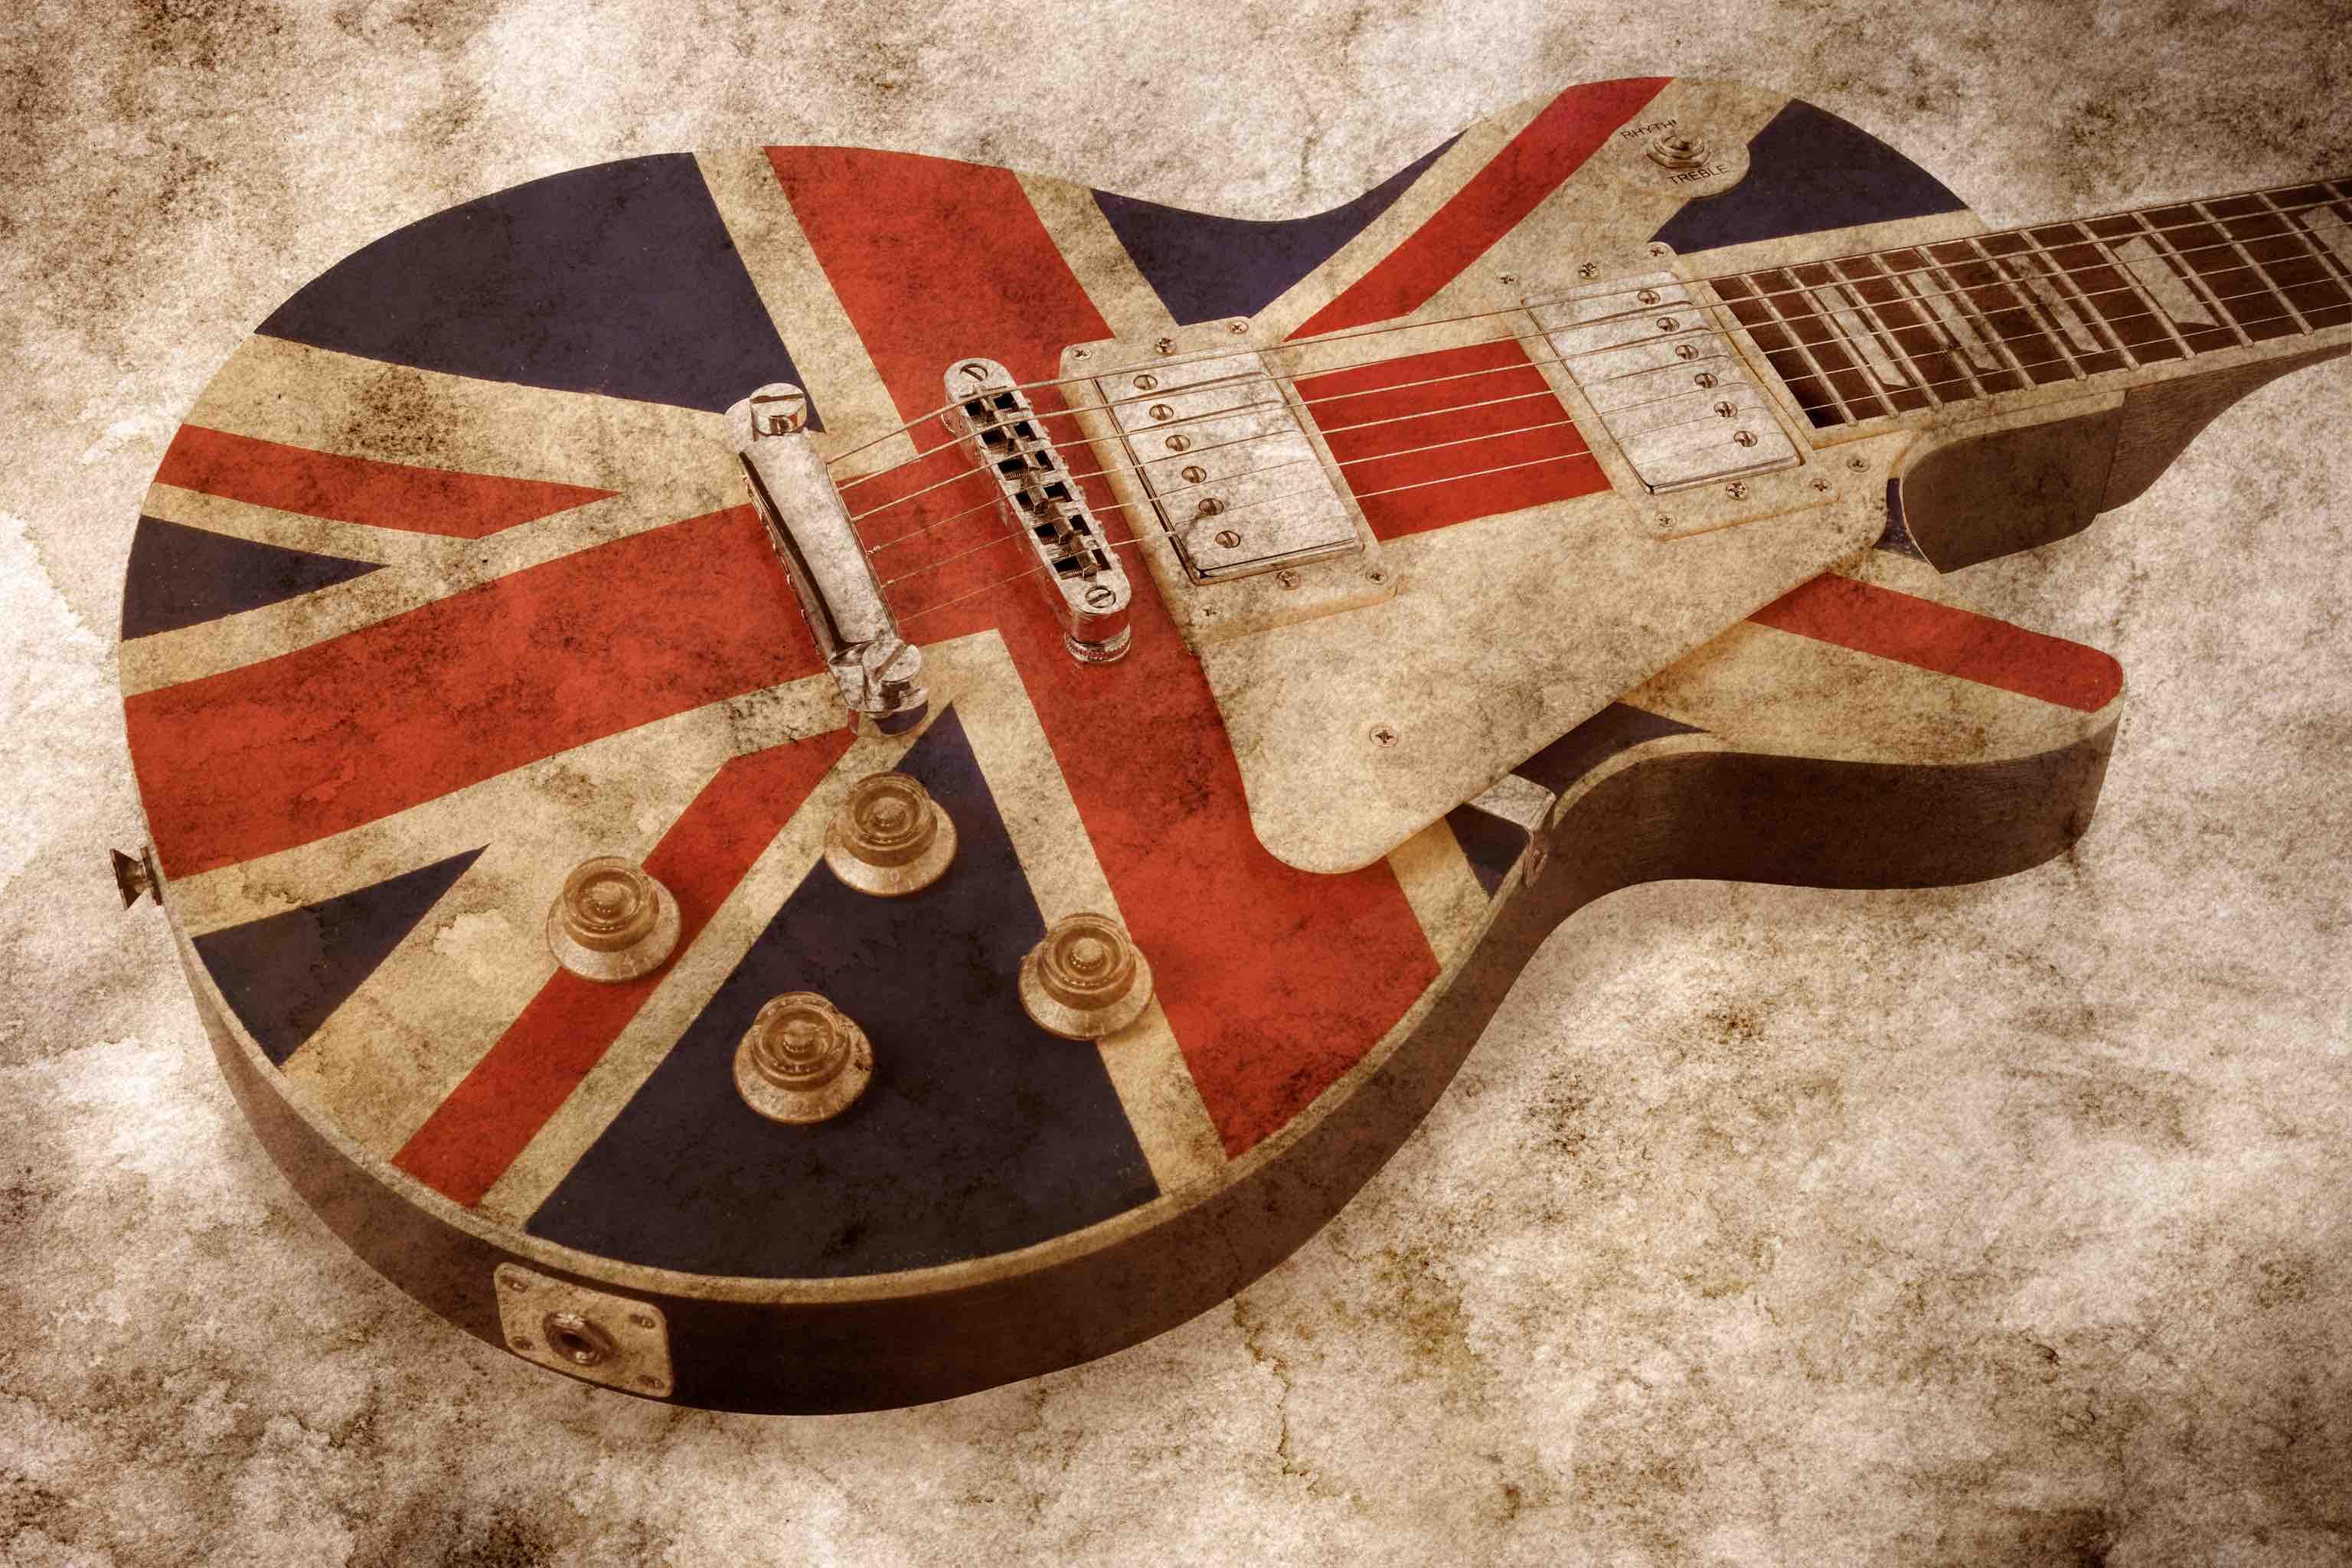 grunge style brit pop guitar